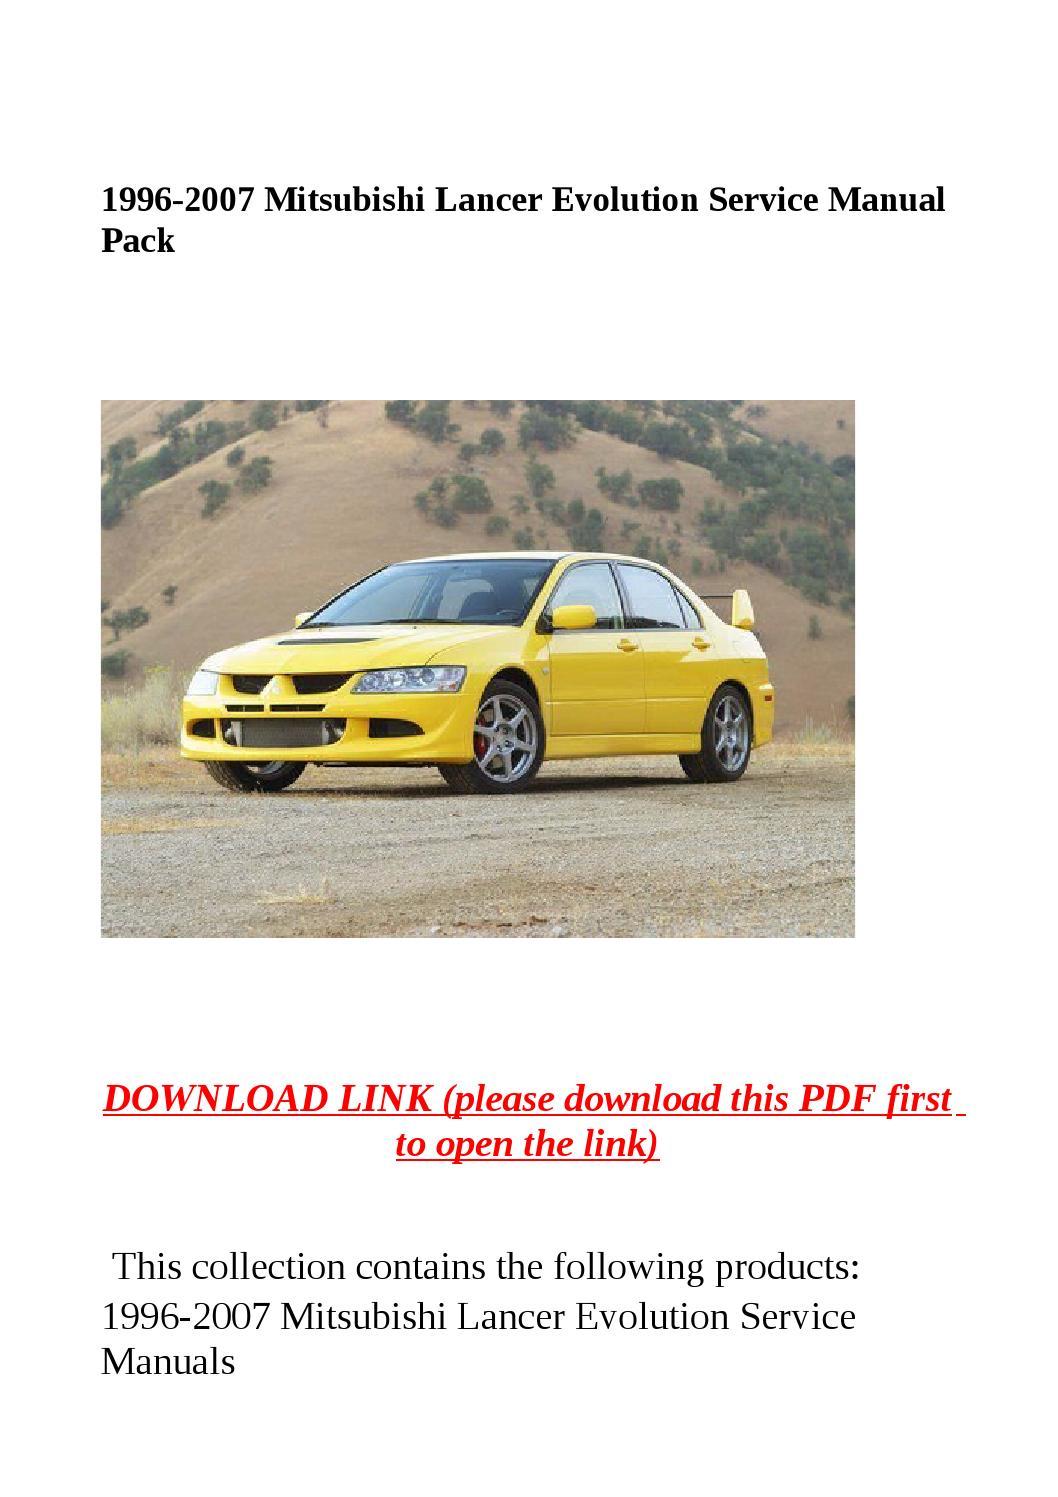 Mitsubishi lancer workshop manual pdf